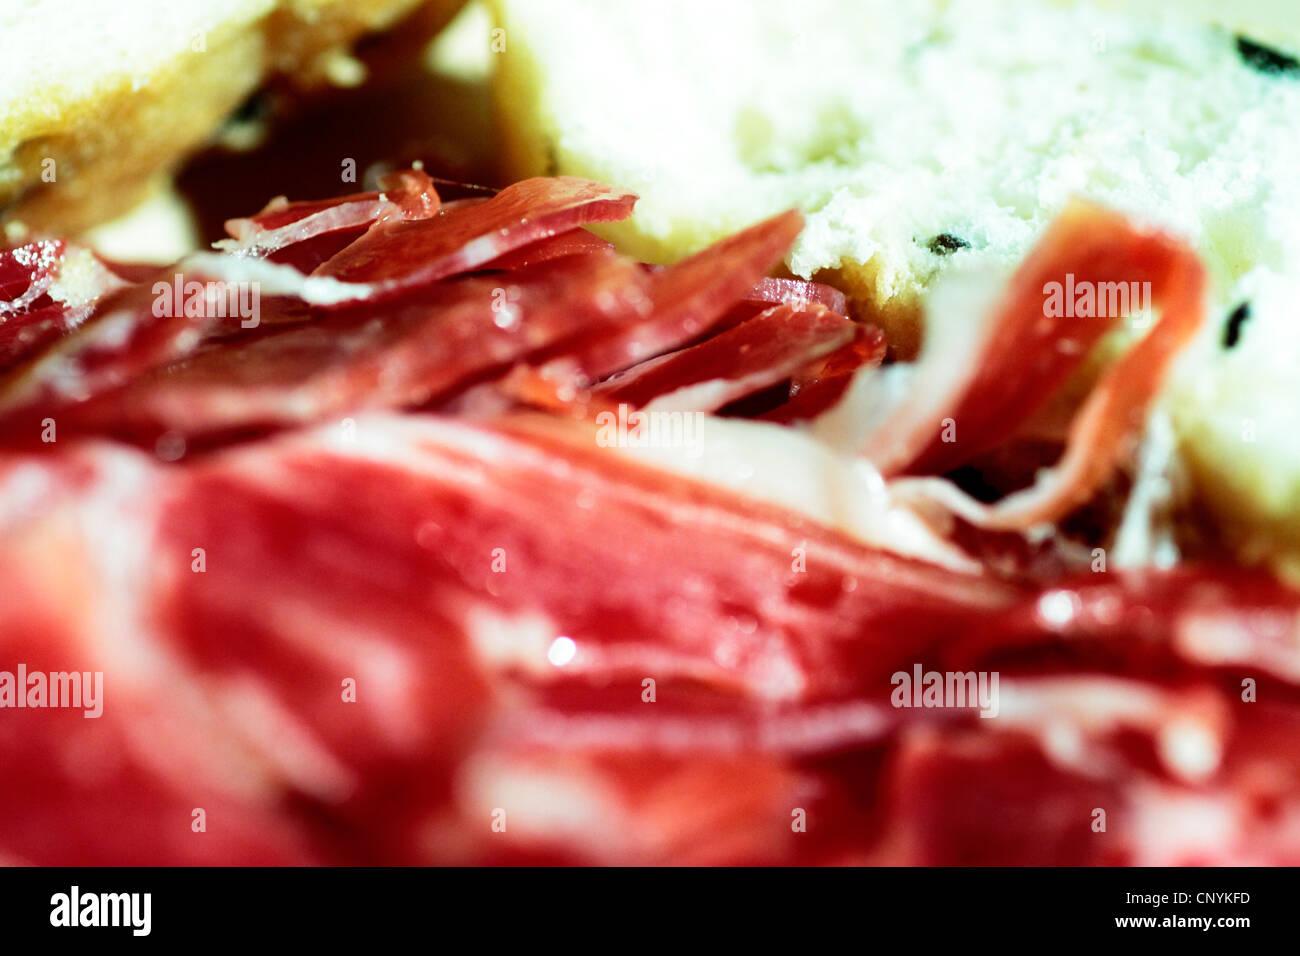 Iberische, Nahrung, Schwein, Serrano, Fleisch, Gastronomie, Feinkost, Dehesa, geheilt, Spanien, Jabugo, mediterran, Stockbild